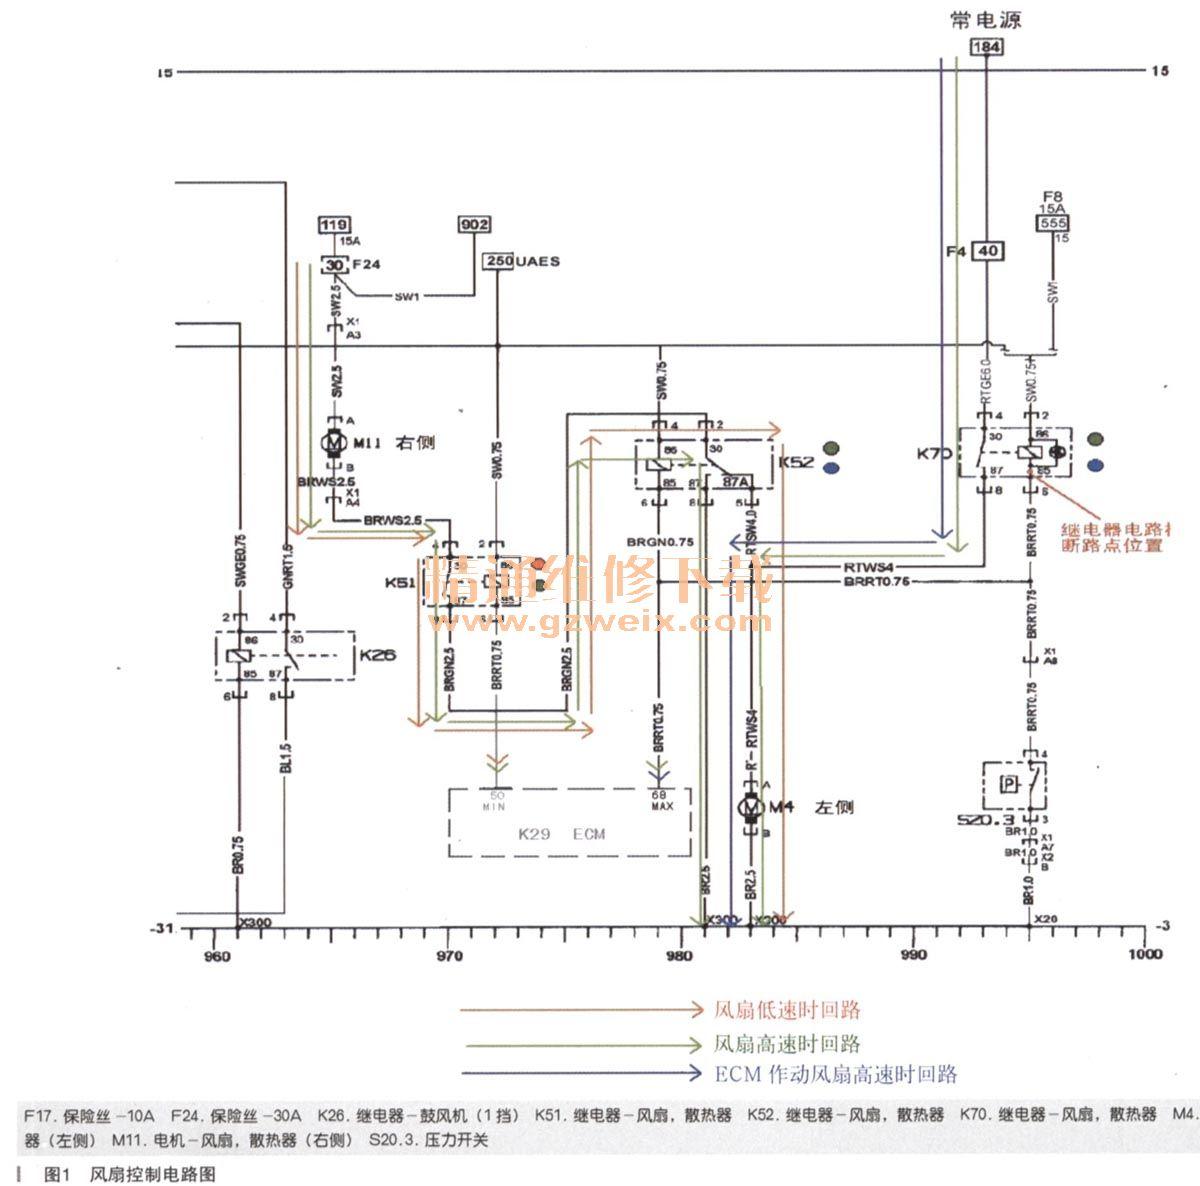 查看冷却风扇的电路图(如图1所示)可知